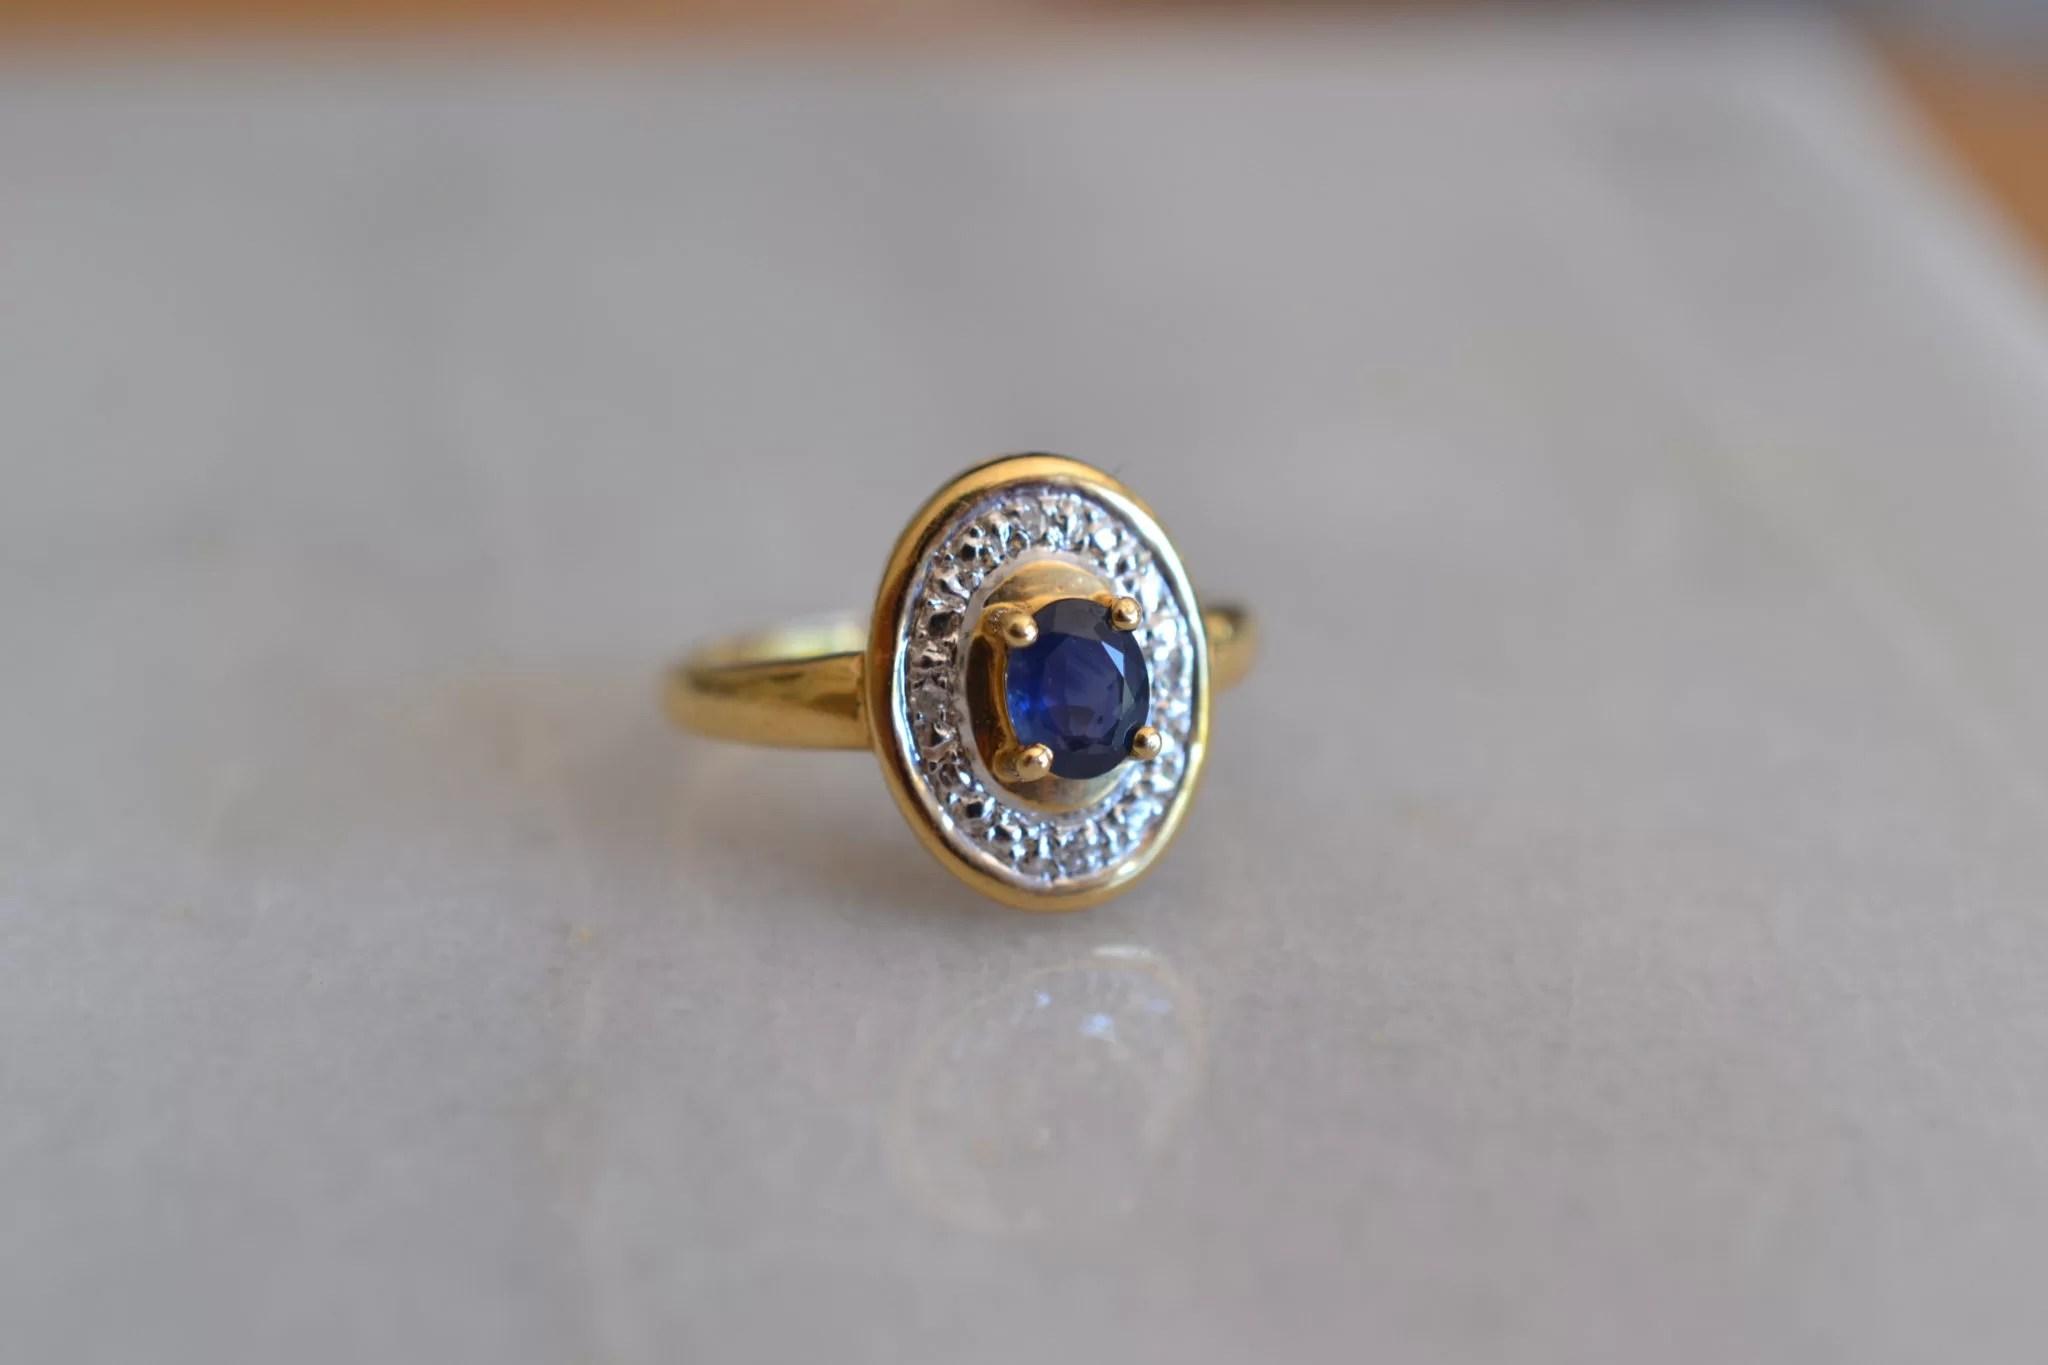 Bague saphir et 4 diamants, en Or jaune 18 carats, 750:1000 - Bijoux vintage